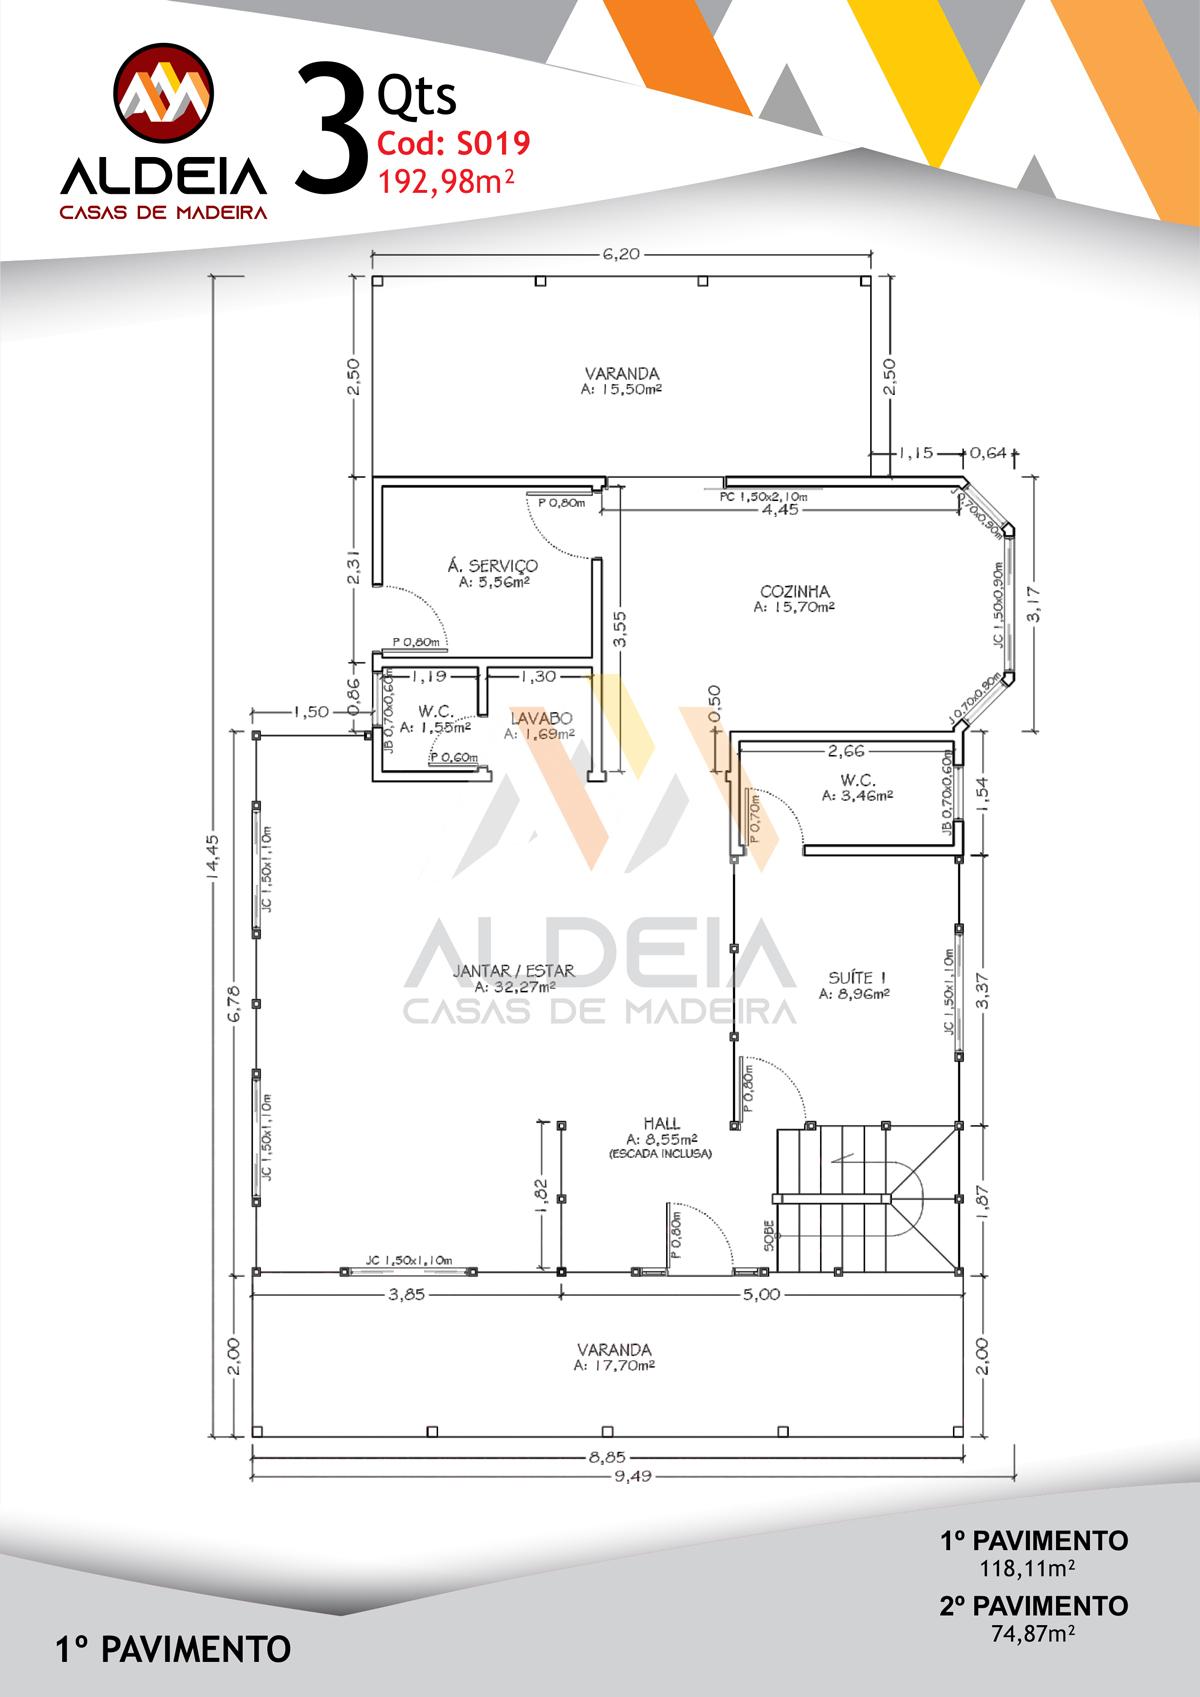 aldeia-casas-madeira-arquitetura-S019-1